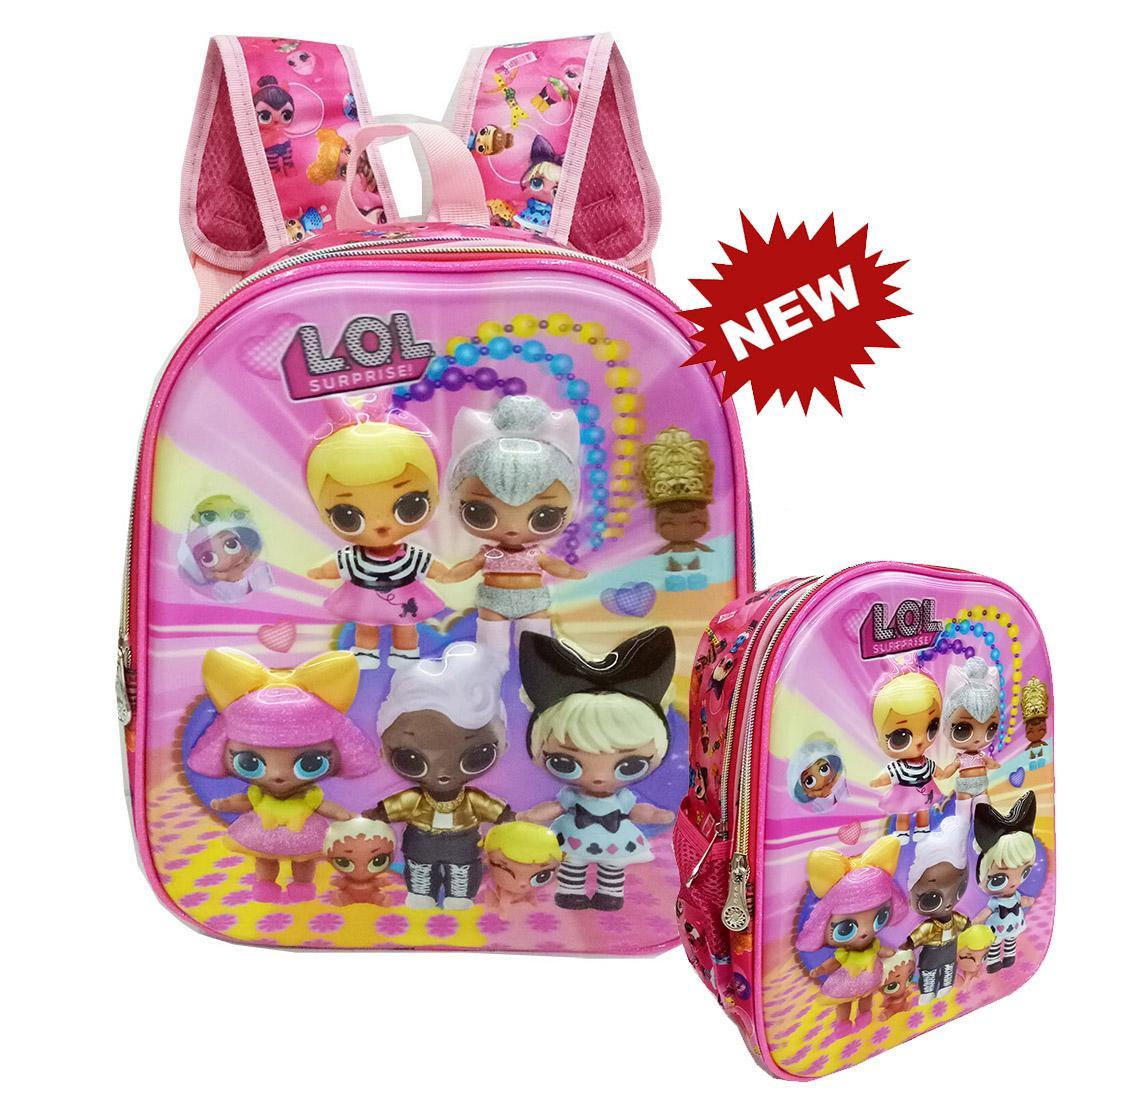 Jual Tas Ransel Anak Terbaik Sekolah Paud Model Mobil Tsum Pink Onlan Berkualitas Perempuan 5d Timbul Hologram Ukuran Tk Import